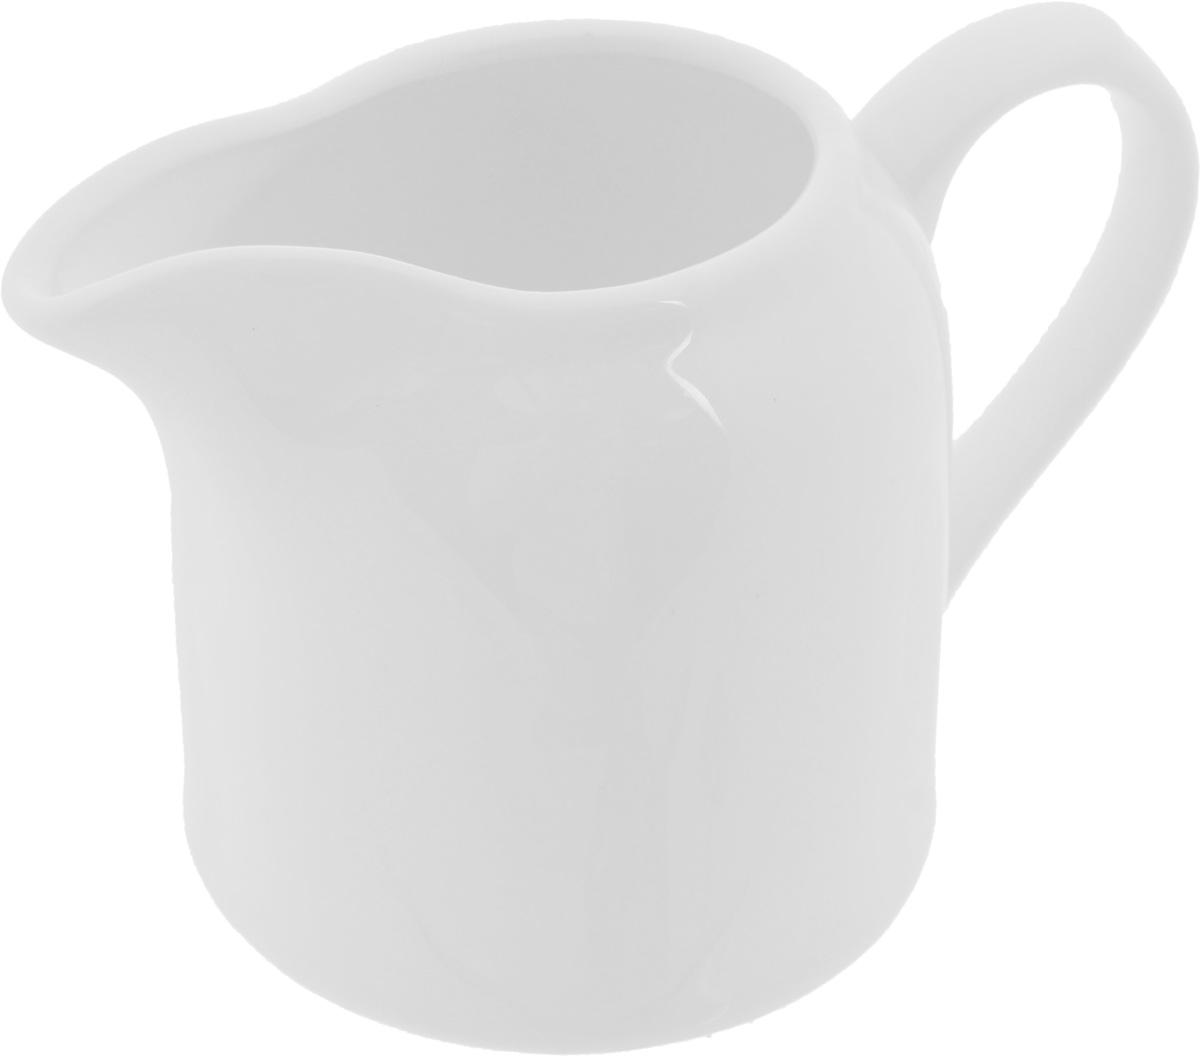 Молочник Wilmax, 250 мл103815Элегантный молочник Wilmax выполнен из высококачественного фарфора с глазурованным покрытием. Молочник имеет широкое основание, удобную ручку и носик. Предназначен для сливок и молока. Такое изделие украсит ваш праздничный или обеденный стол, а нежное исполнение понравится любой хозяйке.Можно мыть в посудомоечной машине и использовать в микроволновой печи.Диаметр молочника по верхнему краю: 4,5 см.Диаметр основания: 7,5 см. Высота салатника: 8 см.